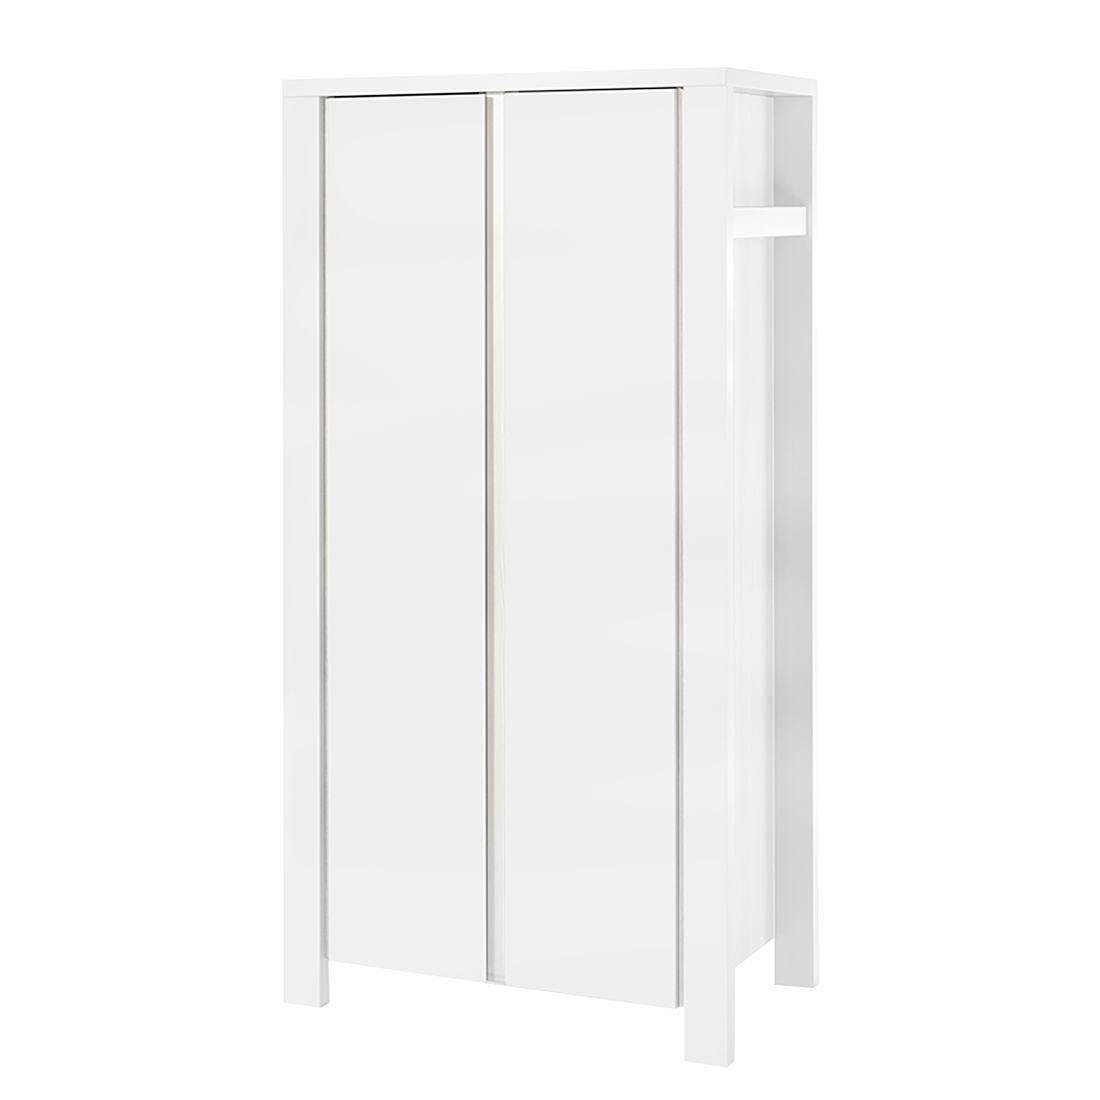 Kleiderschrank Milano - Weiß - 110 cm (2-türig), Schardt